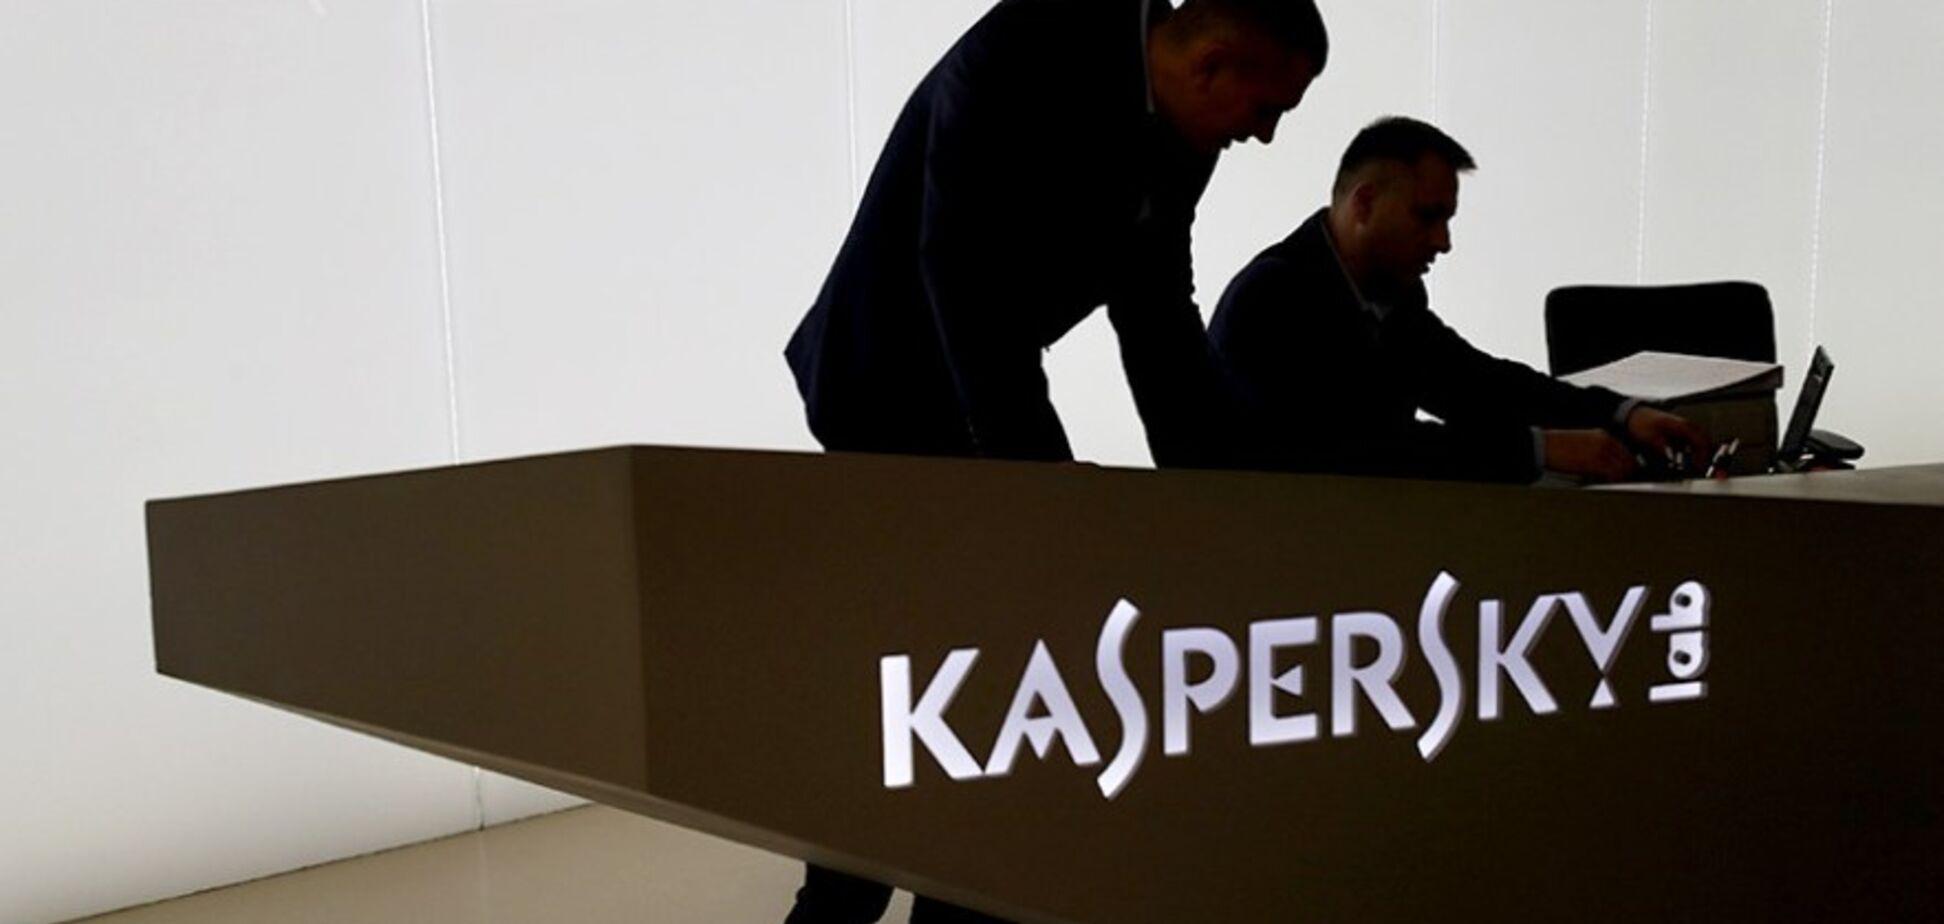 Три клана и похищение: стало известно, как  ФСБ начала управлять 'Лабораторией Касперского'